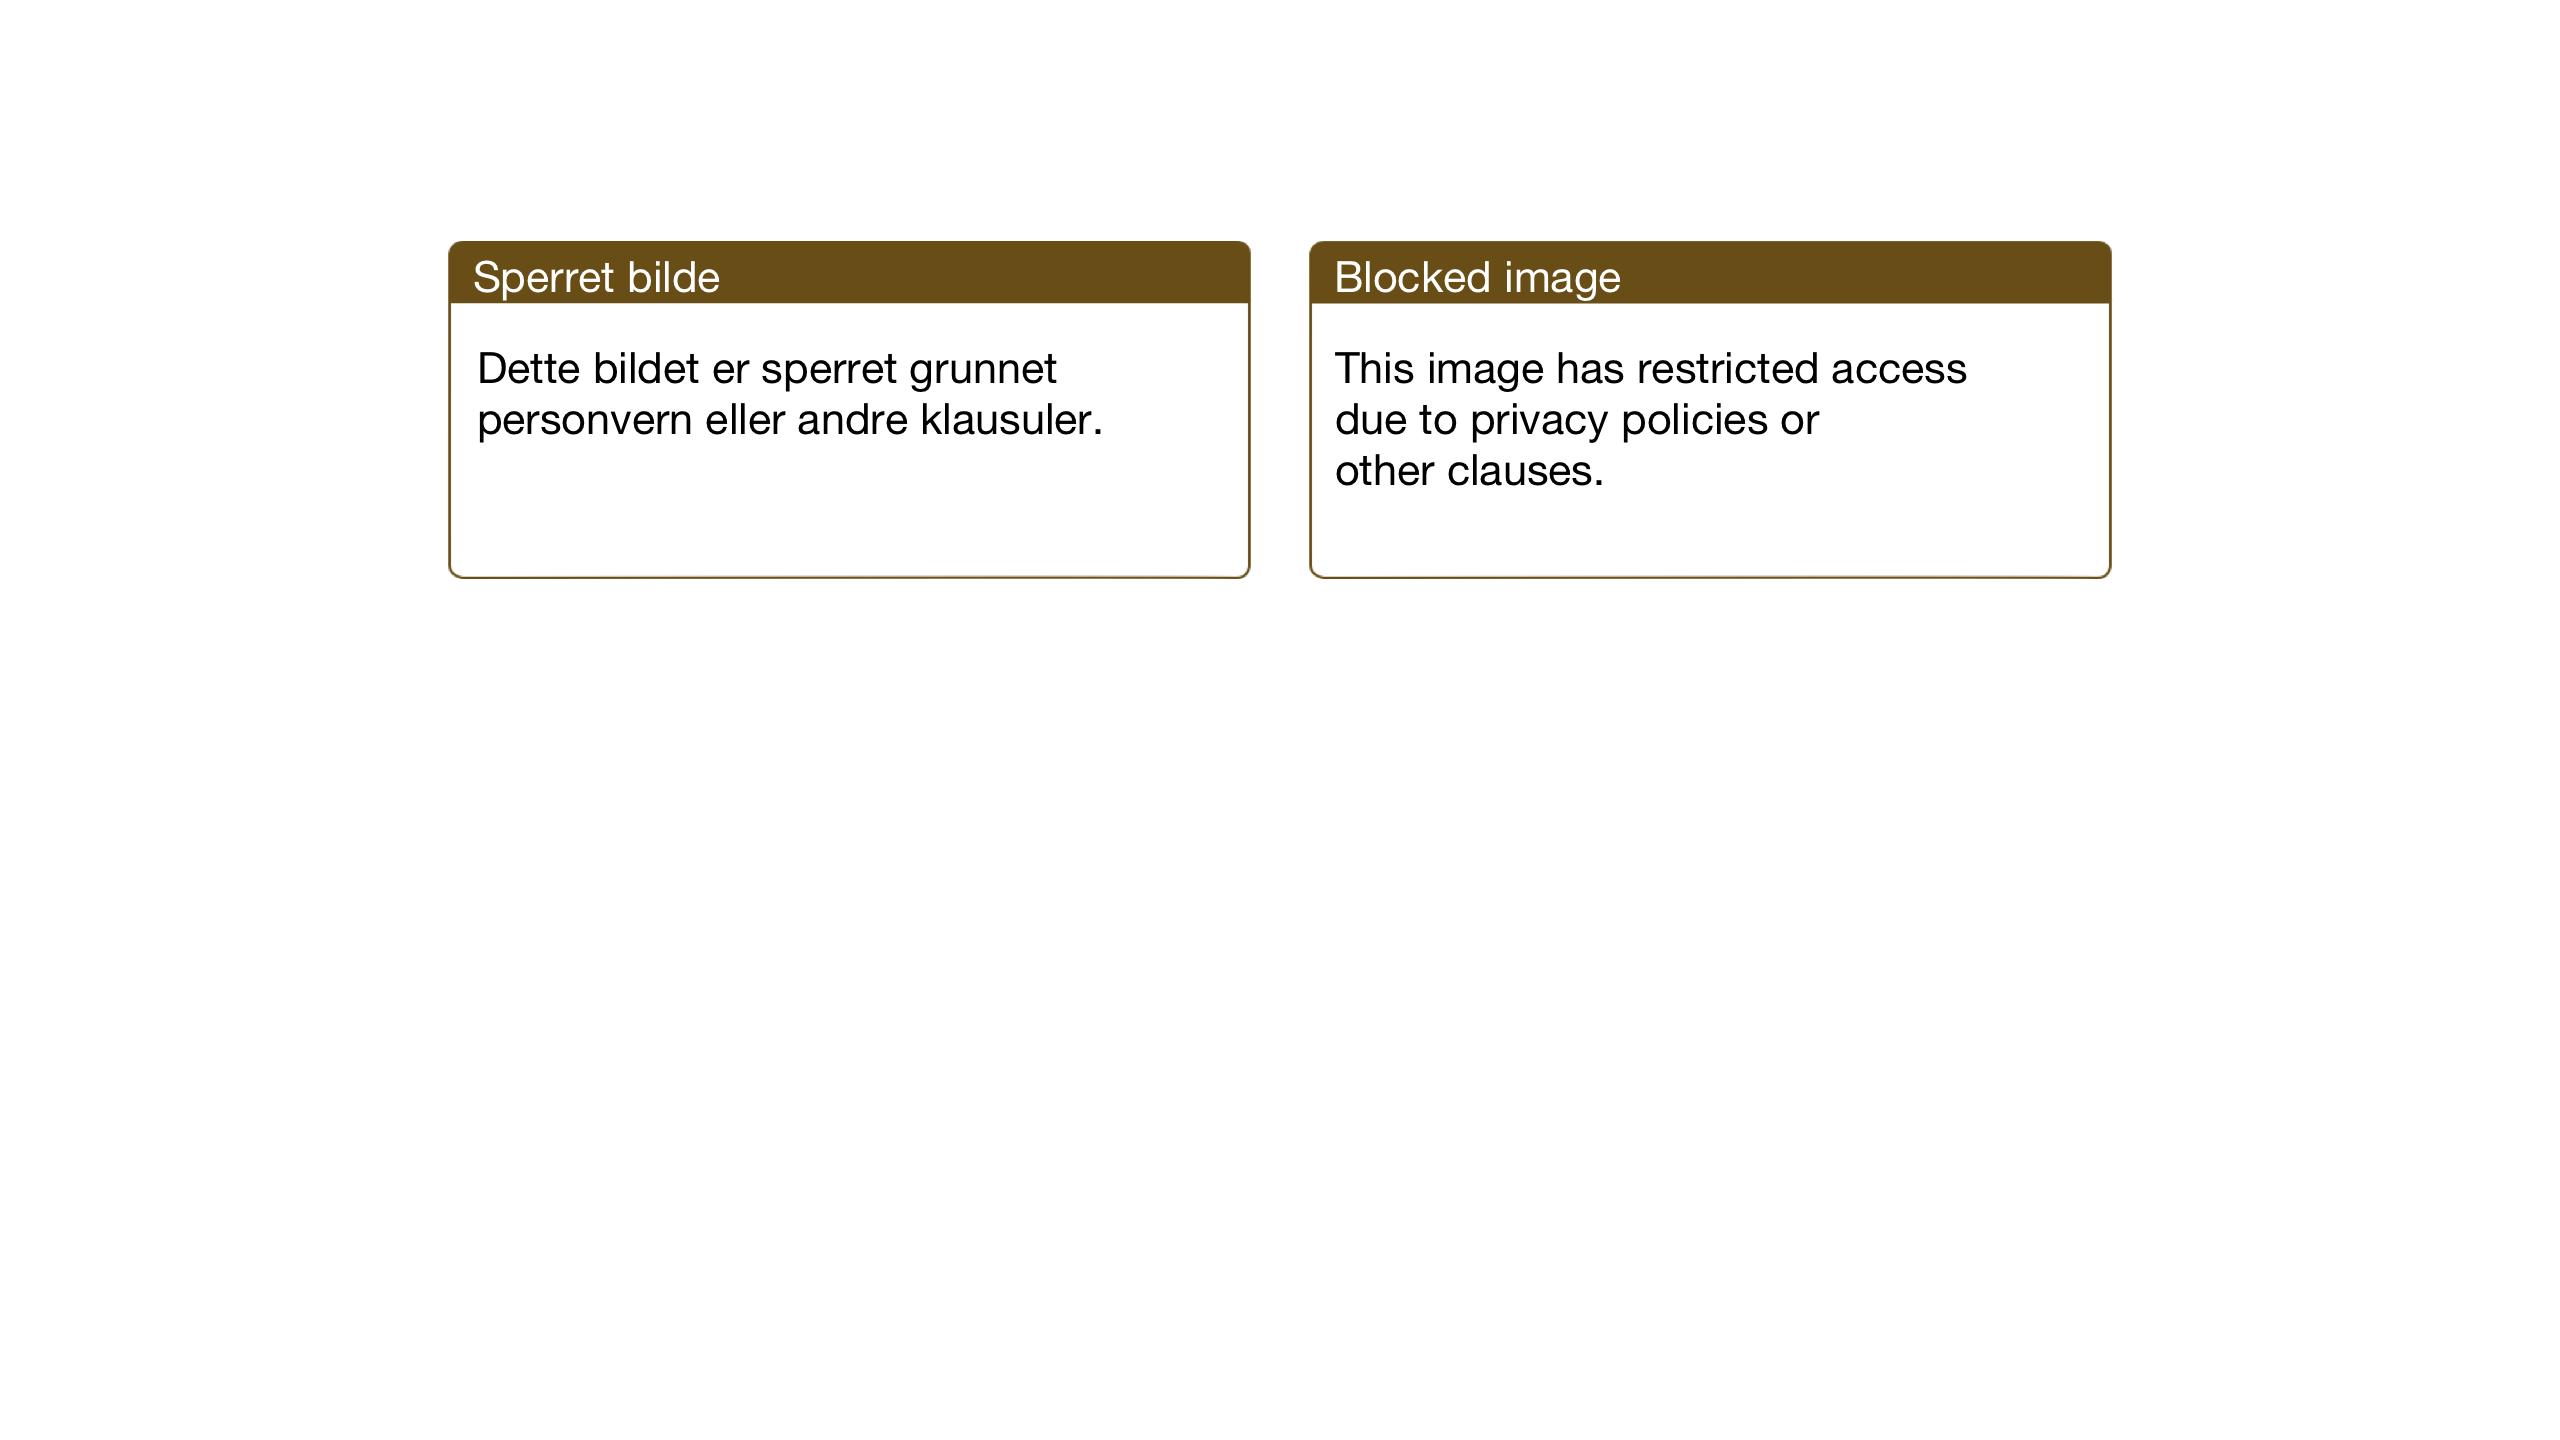 SAT, Ministerialprotokoller, klokkerbøker og fødselsregistre - Sør-Trøndelag, 653/L0658: Klokkerbok nr. 653C02, 1919-1947, s. 151